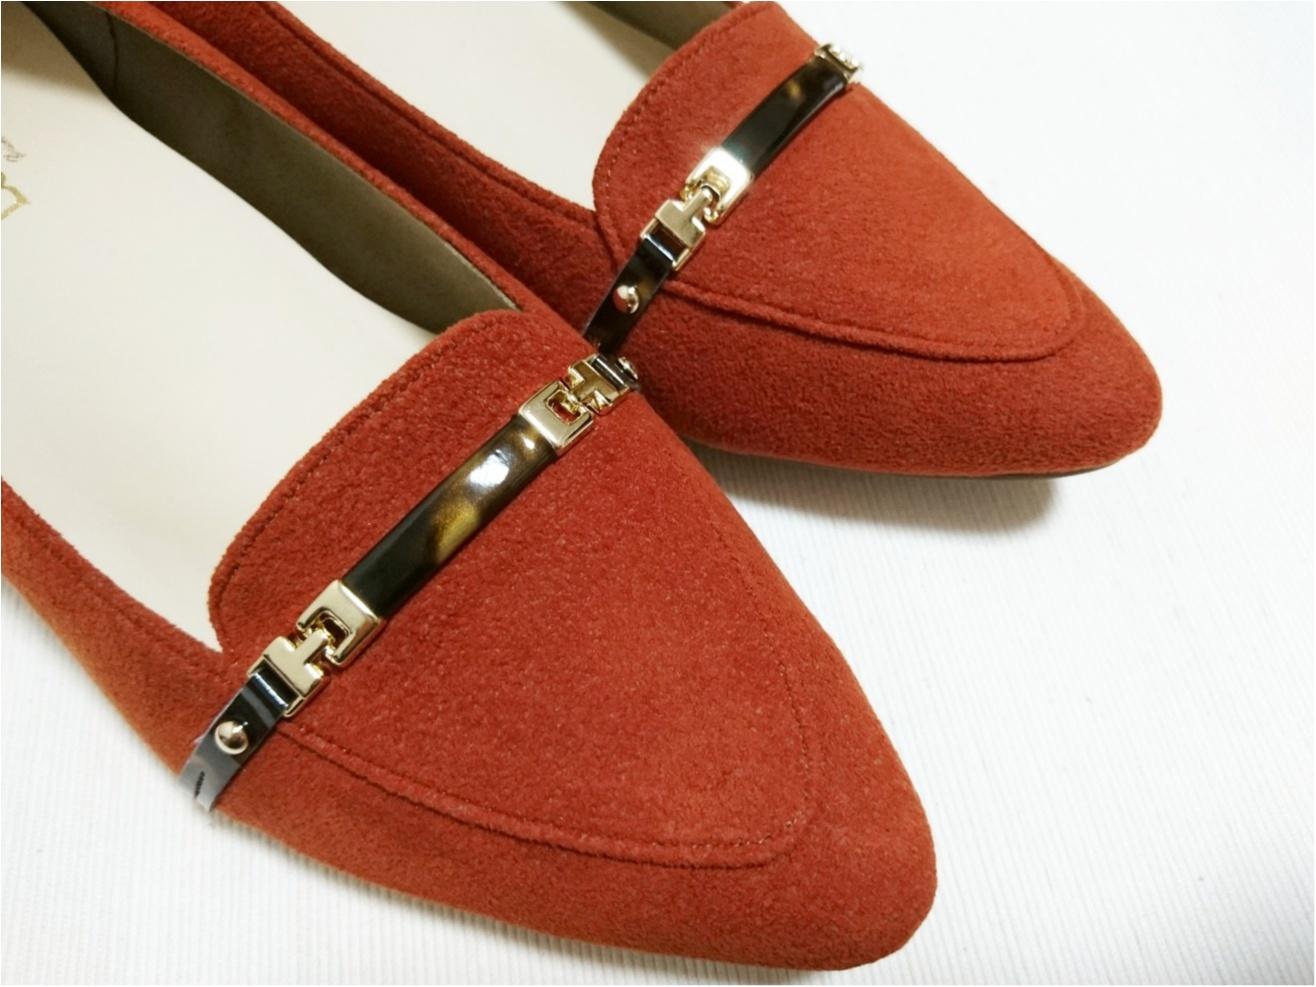 【ファッション】上品で女性らしいデザインに加え、幅広いサイズ展開が魅力 ! 『Le Tolon (ルタロン) 』のお気に入りシューズ♪_2